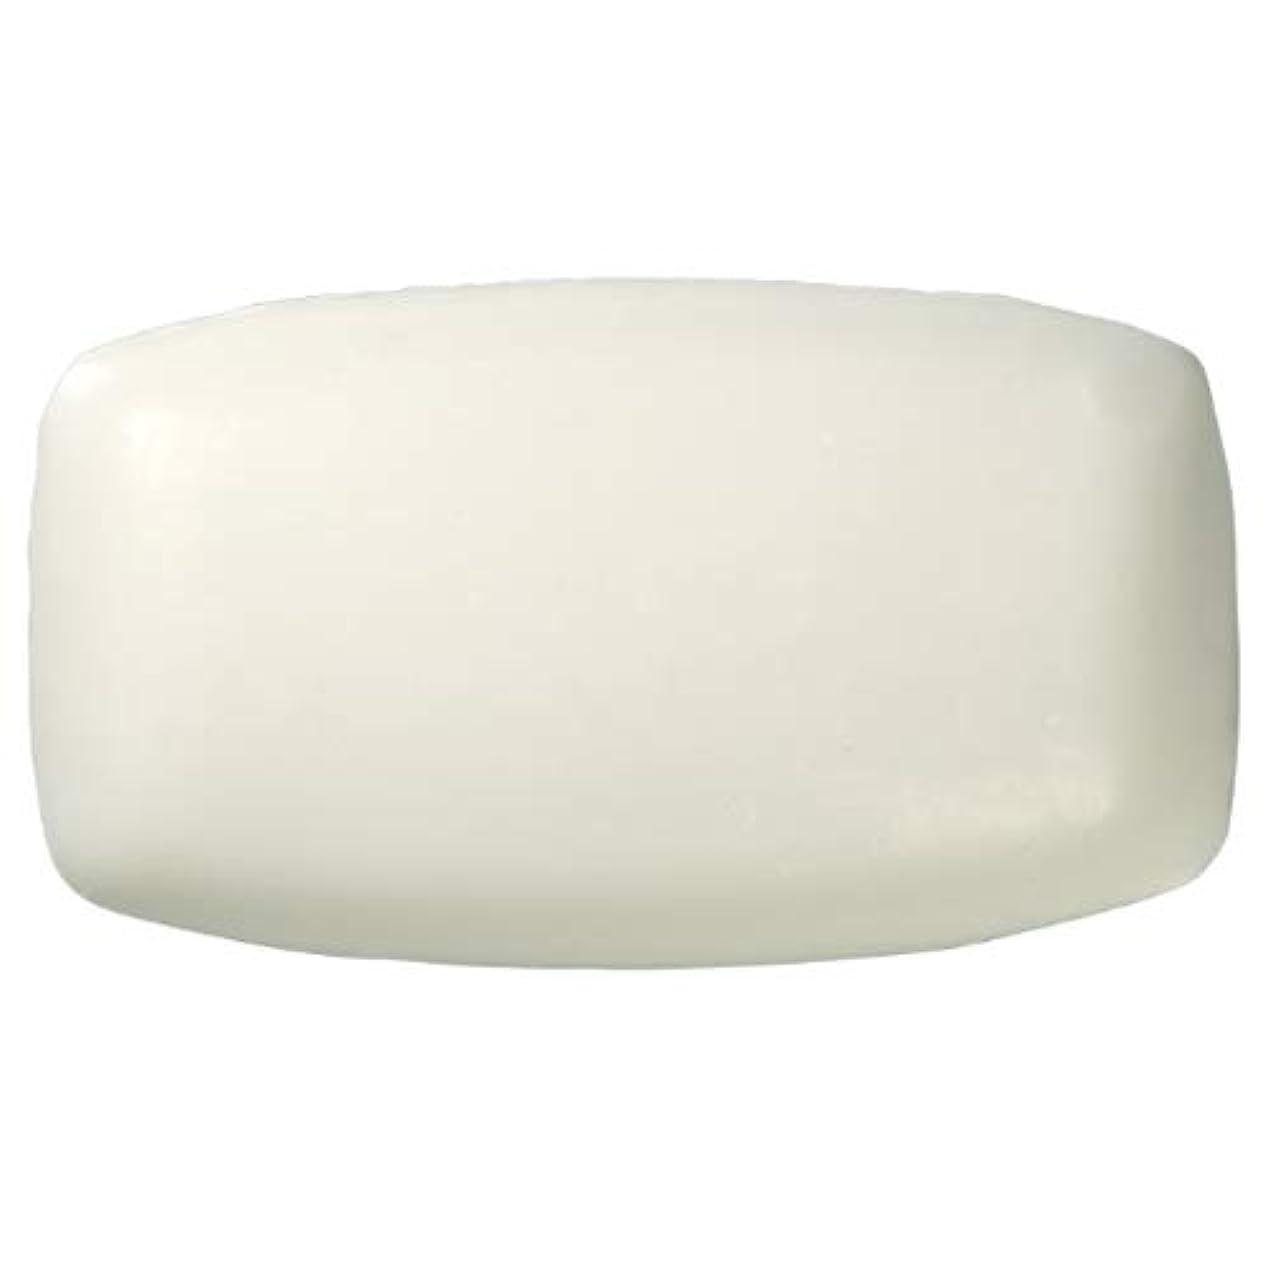 独占から聞く柔らかい足フィードソープ(FFID SOAP) 白袋(OP袋) 120g ×30個 | ホテルアメニティ 個包装